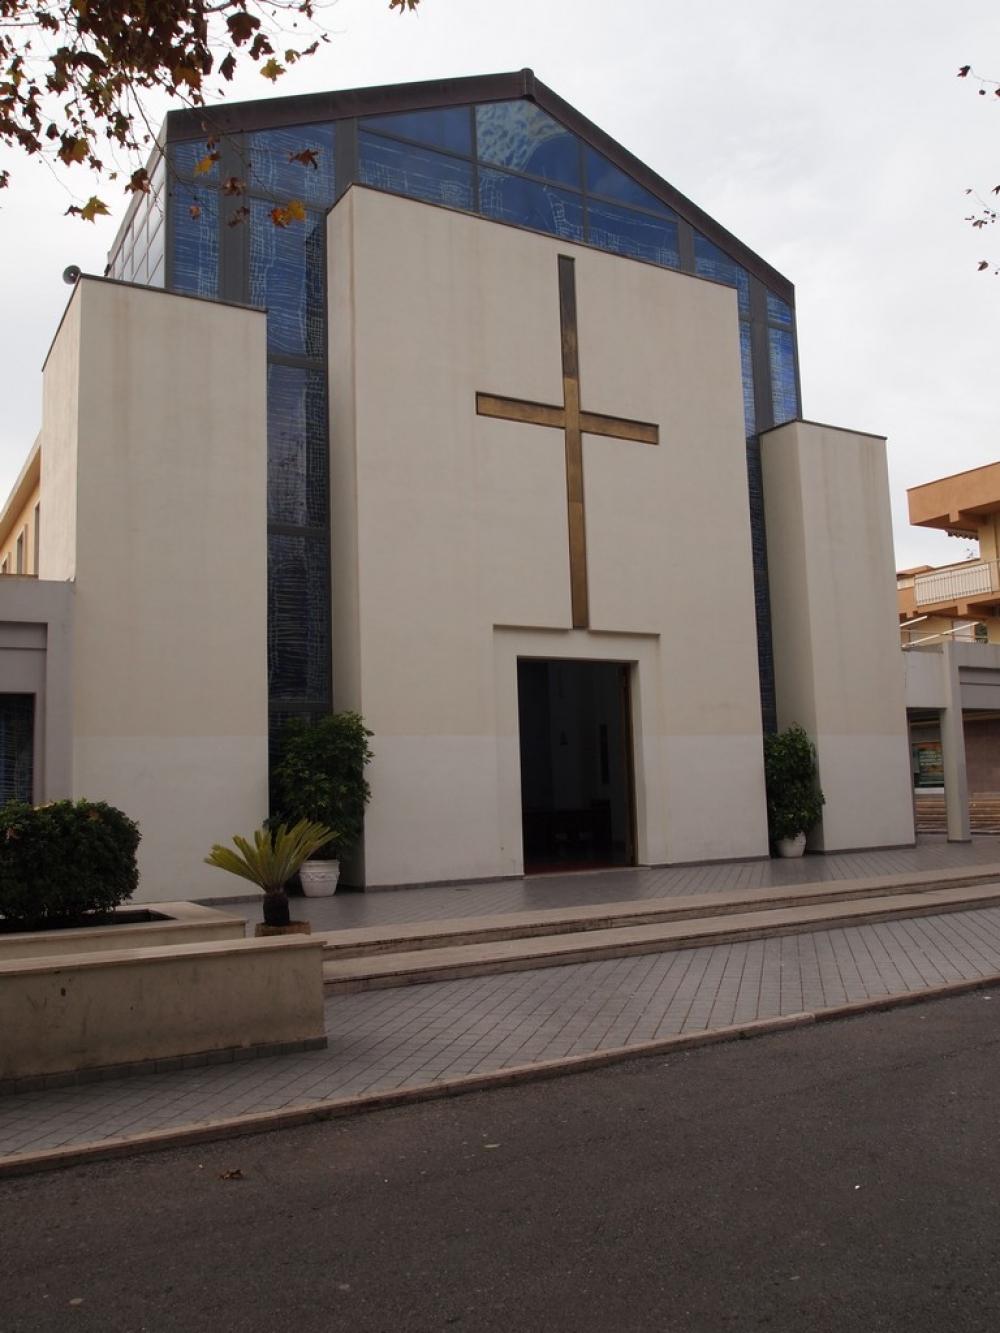 Praia Sacro Cuore Church